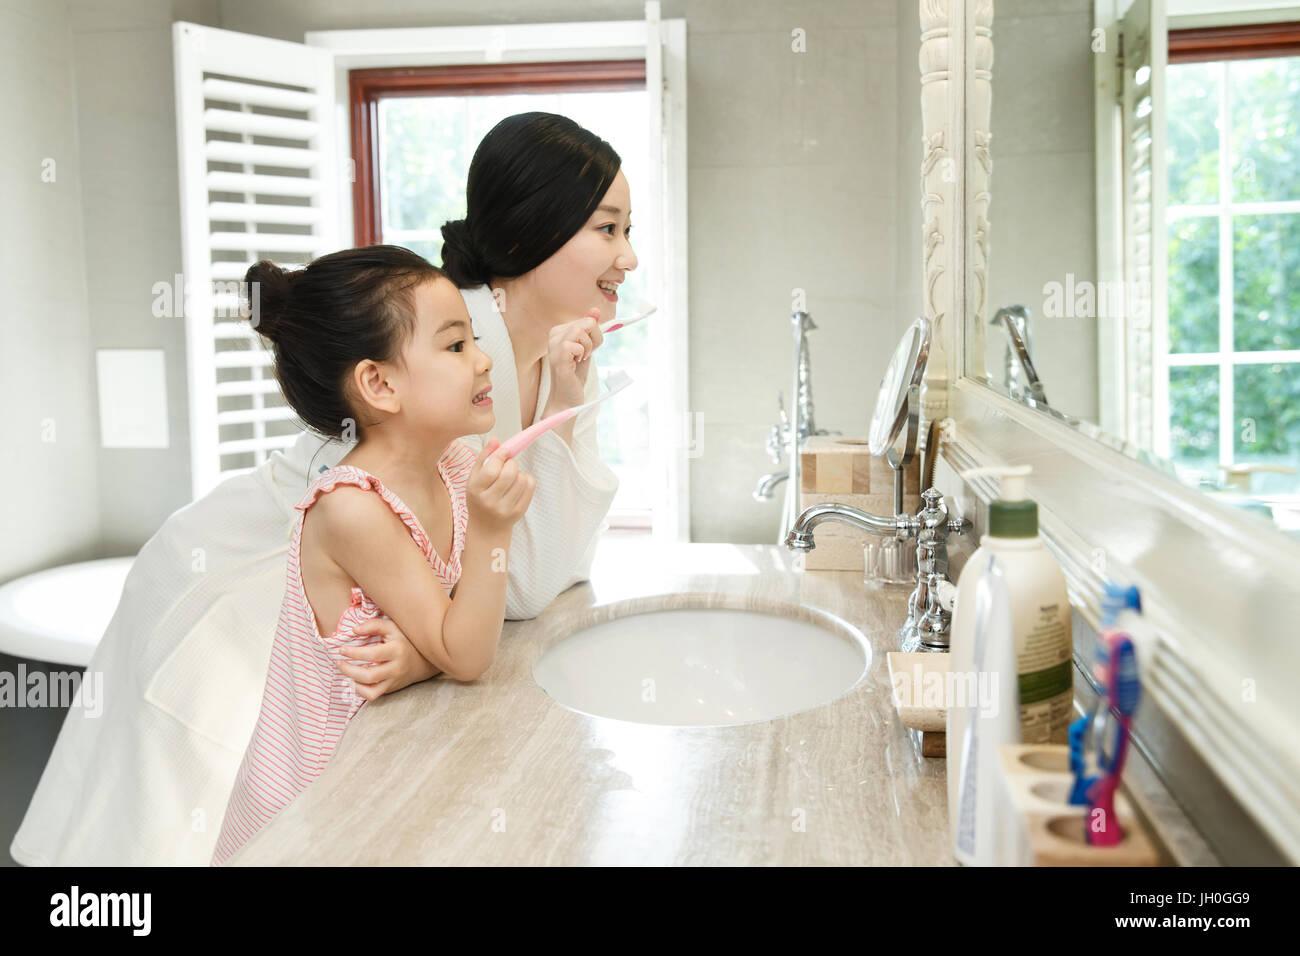 Mother teaching daughter brushing teeth - Stock Image